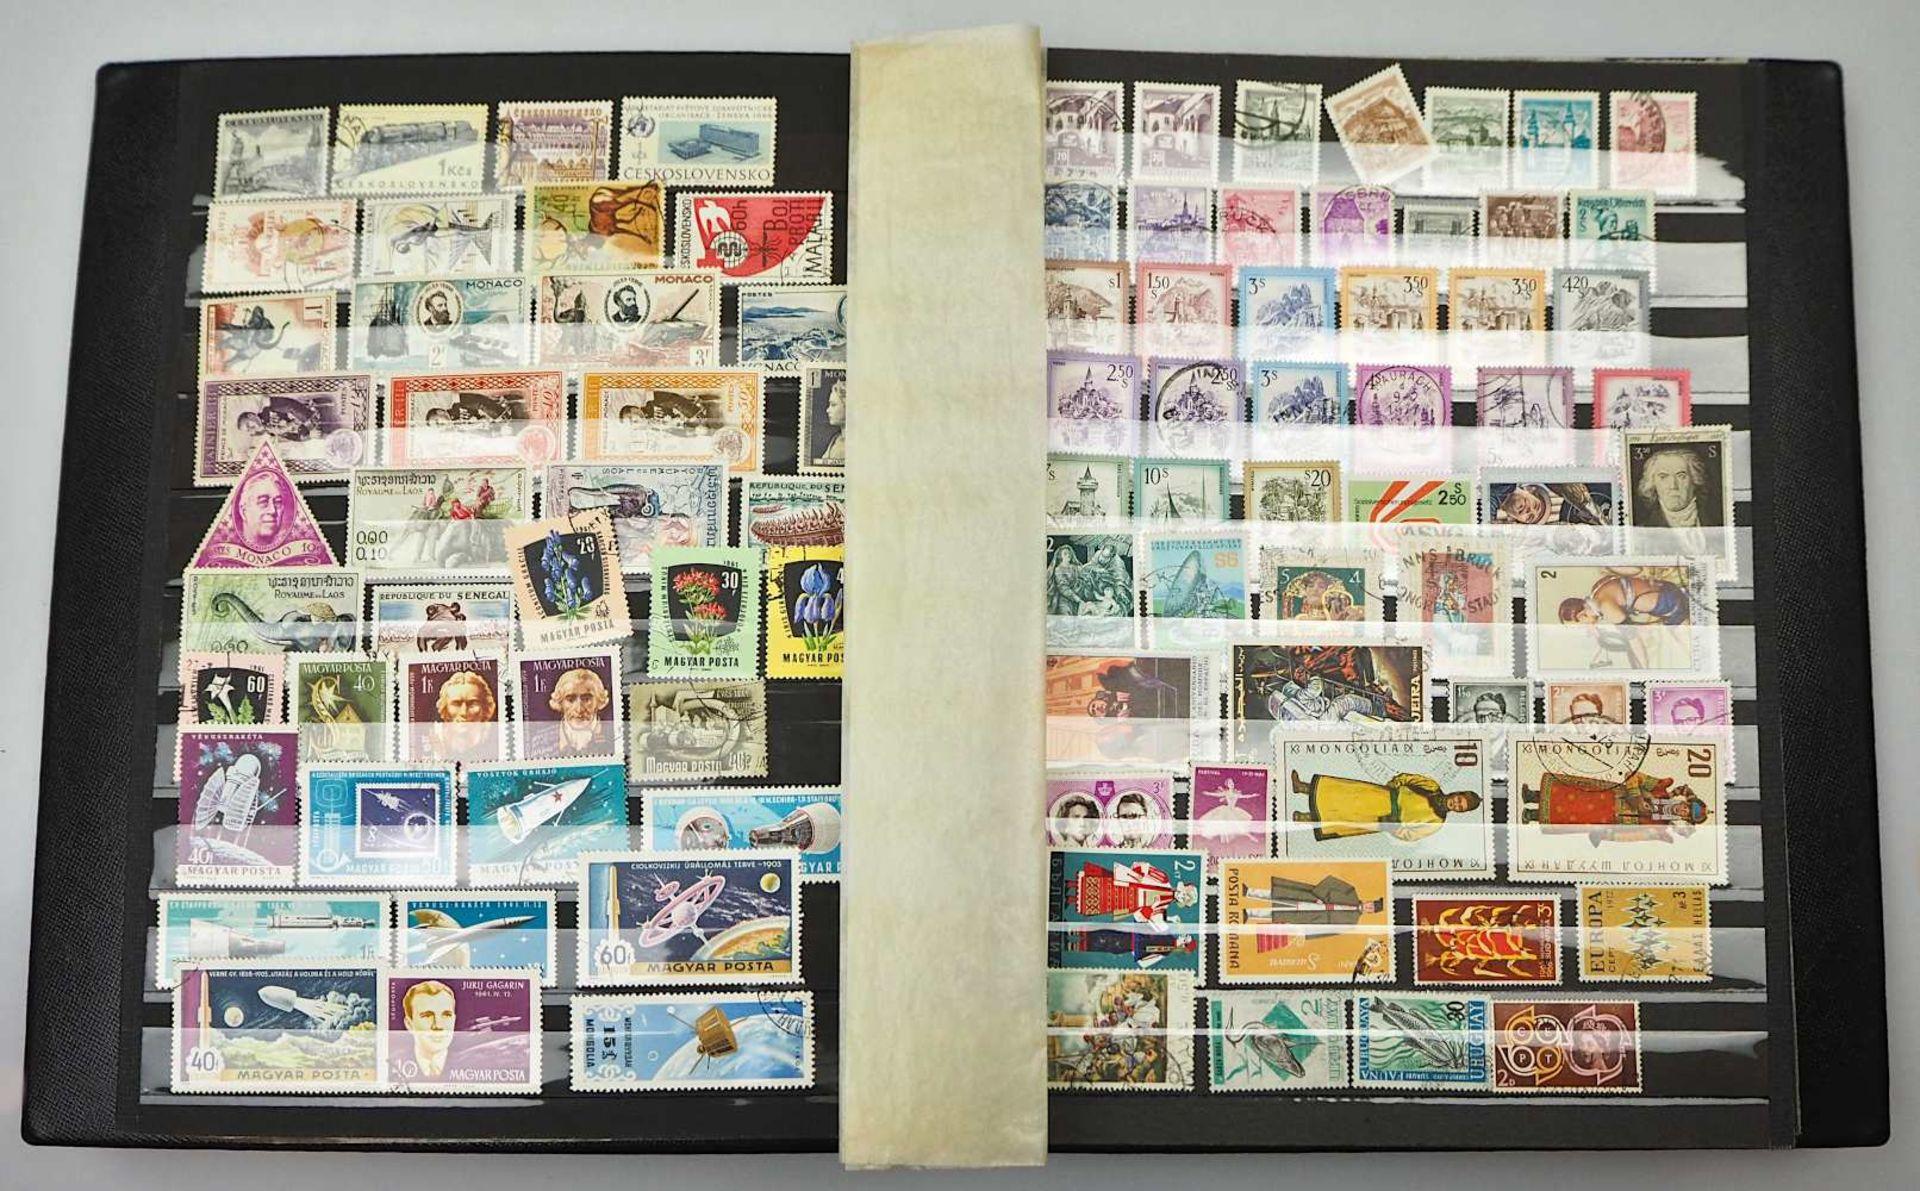 1 Konv. Briefmarken in 3 Alben, 2. Hälfte 20. Jh.: BRD, Alle Welt, z.T. Sondermarken - Bild 2 aus 4